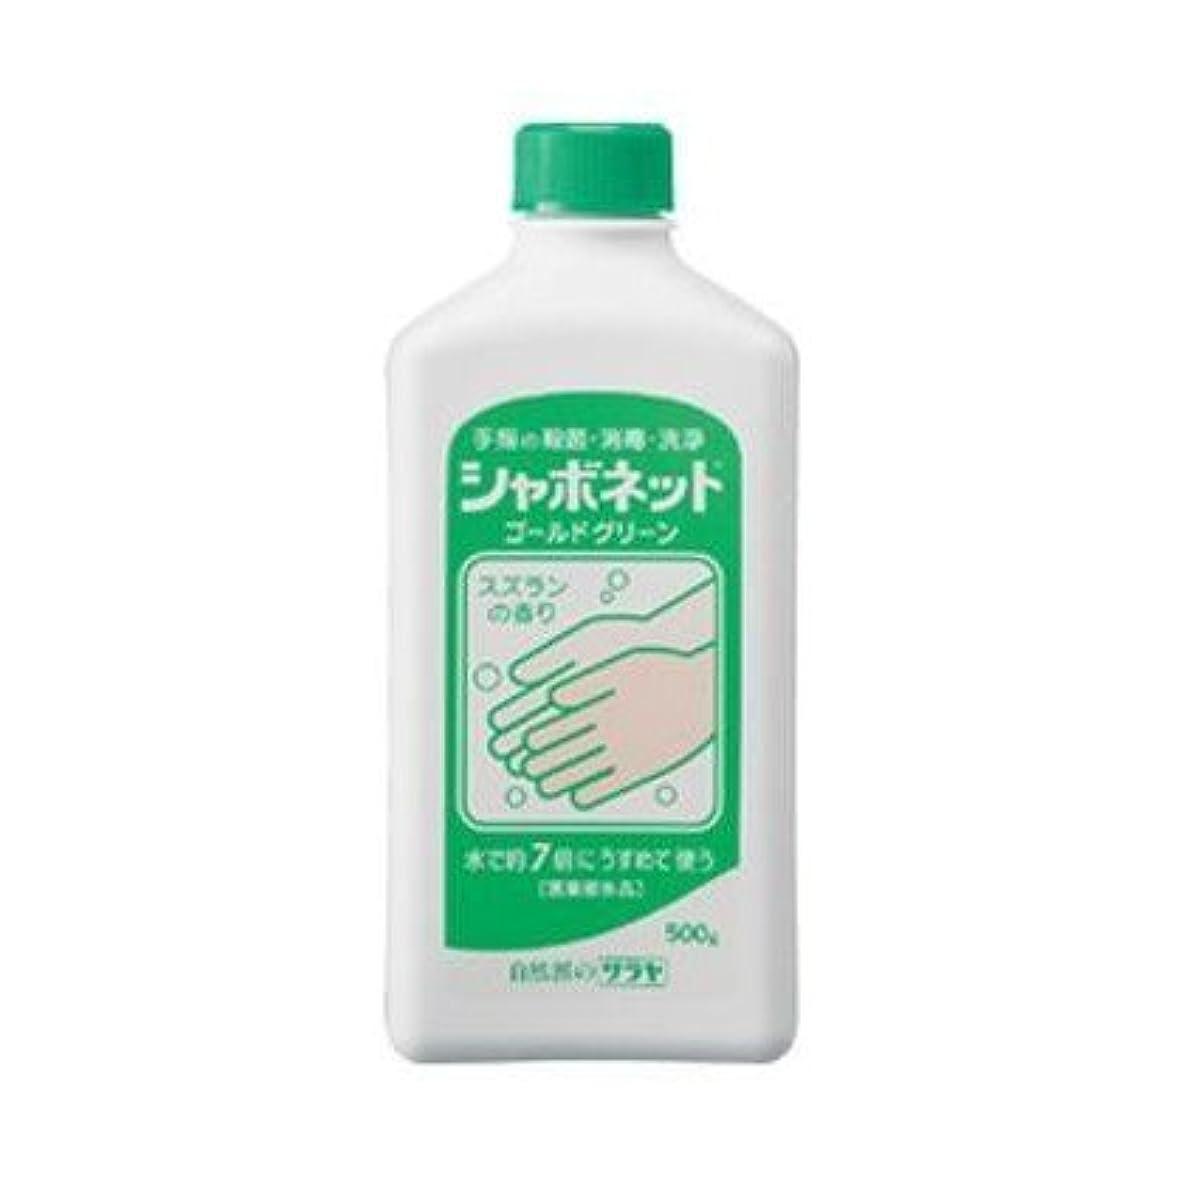 賞賛罪受けるサラヤ シャボネットゴールドグリーン (医薬部外品) 500g×24本 23204